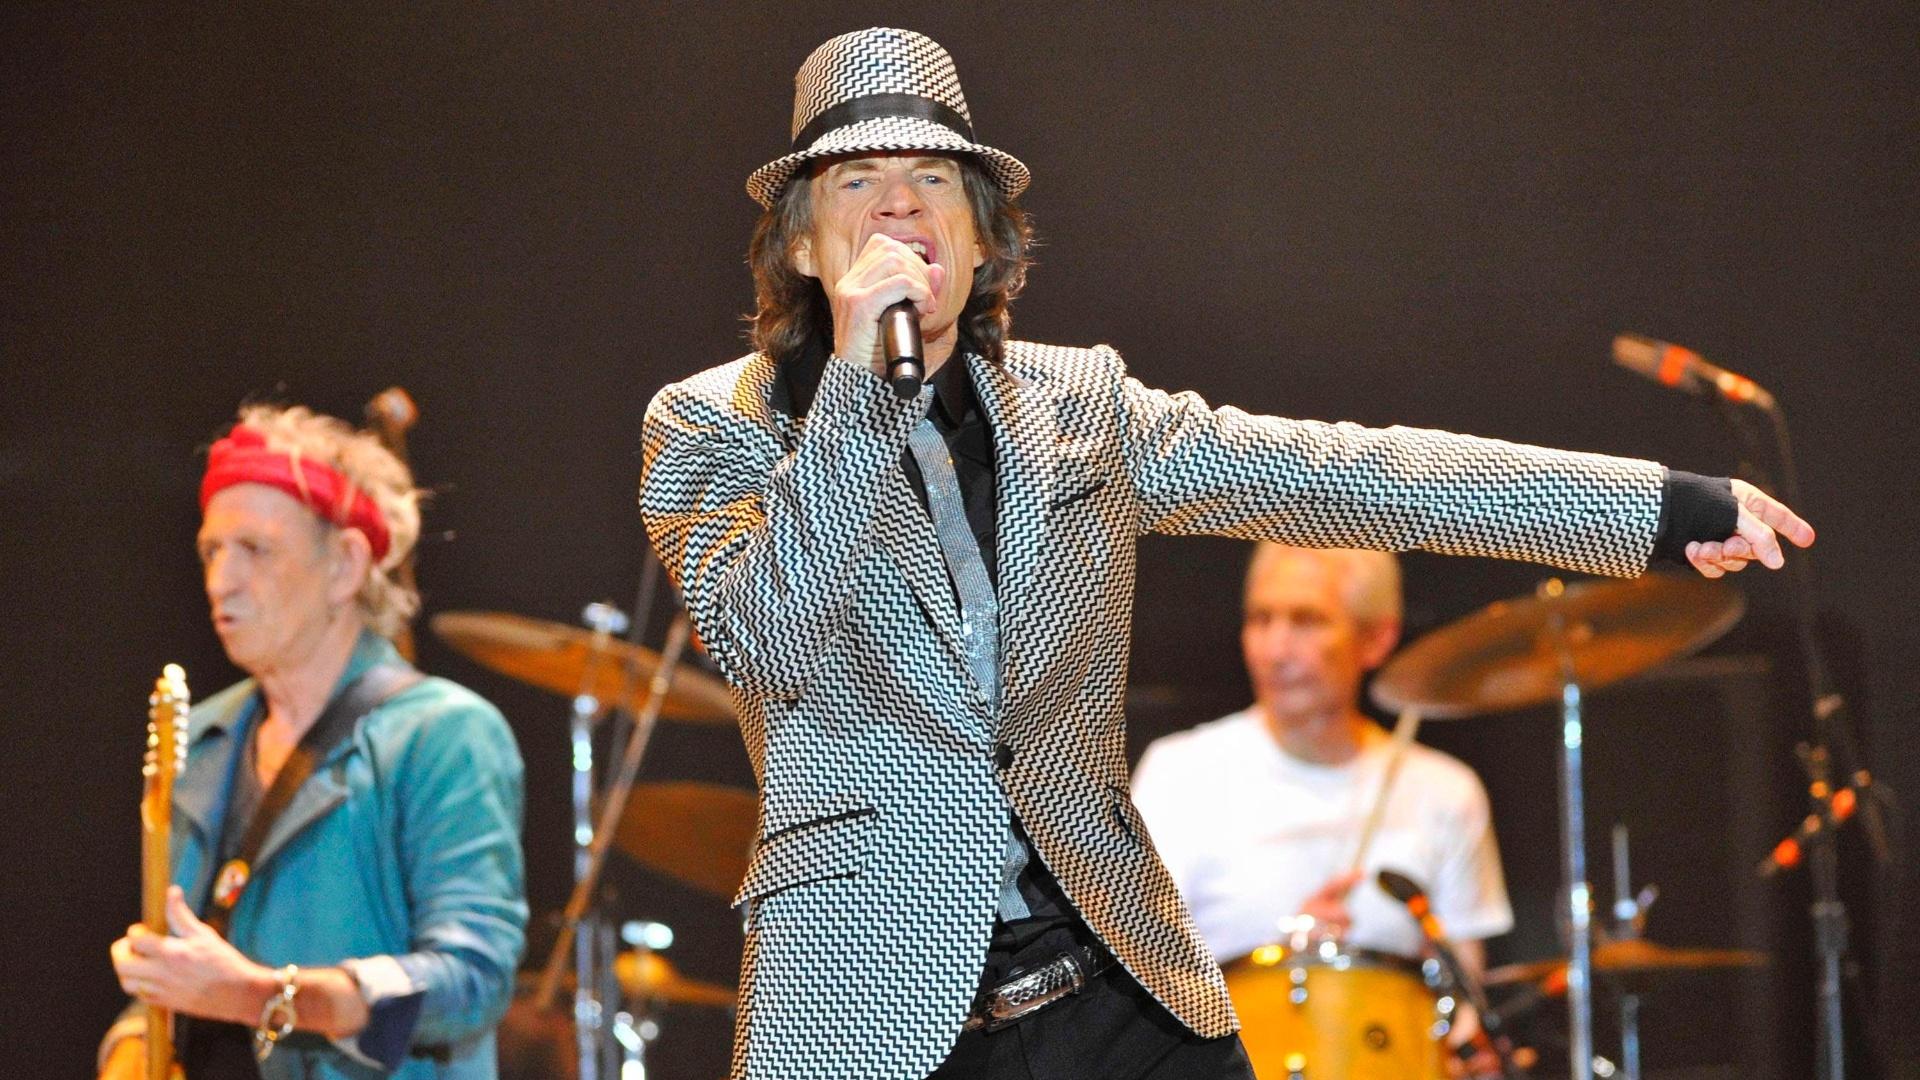 Os Rolling Stones apresentam seu aguardado retorno aos palcos, cinco anos após sua última turnê, neste domingo (25/11/12) em Londres